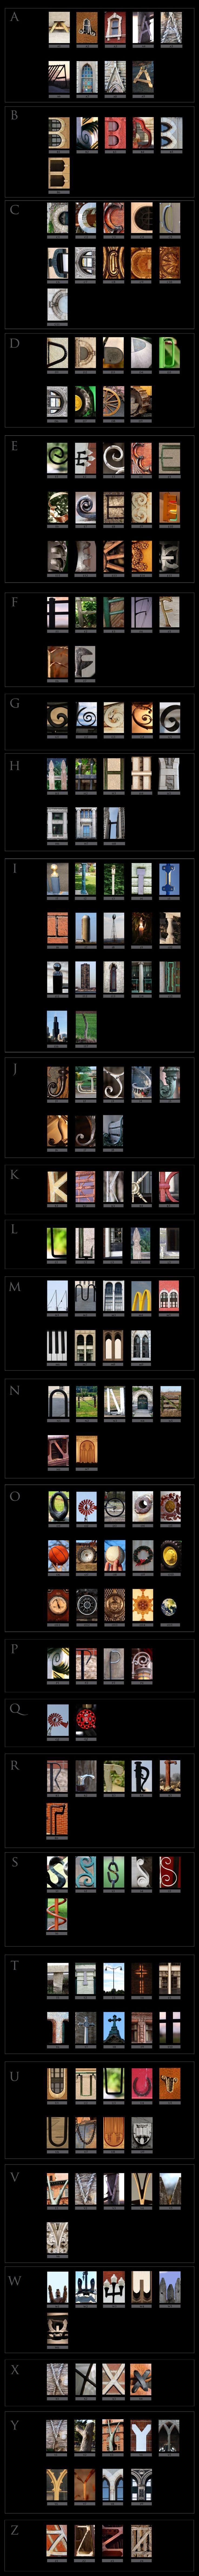 Wholesale Commercial Letter Art Wall Art Resale Retail Vendor Alphabet Photography